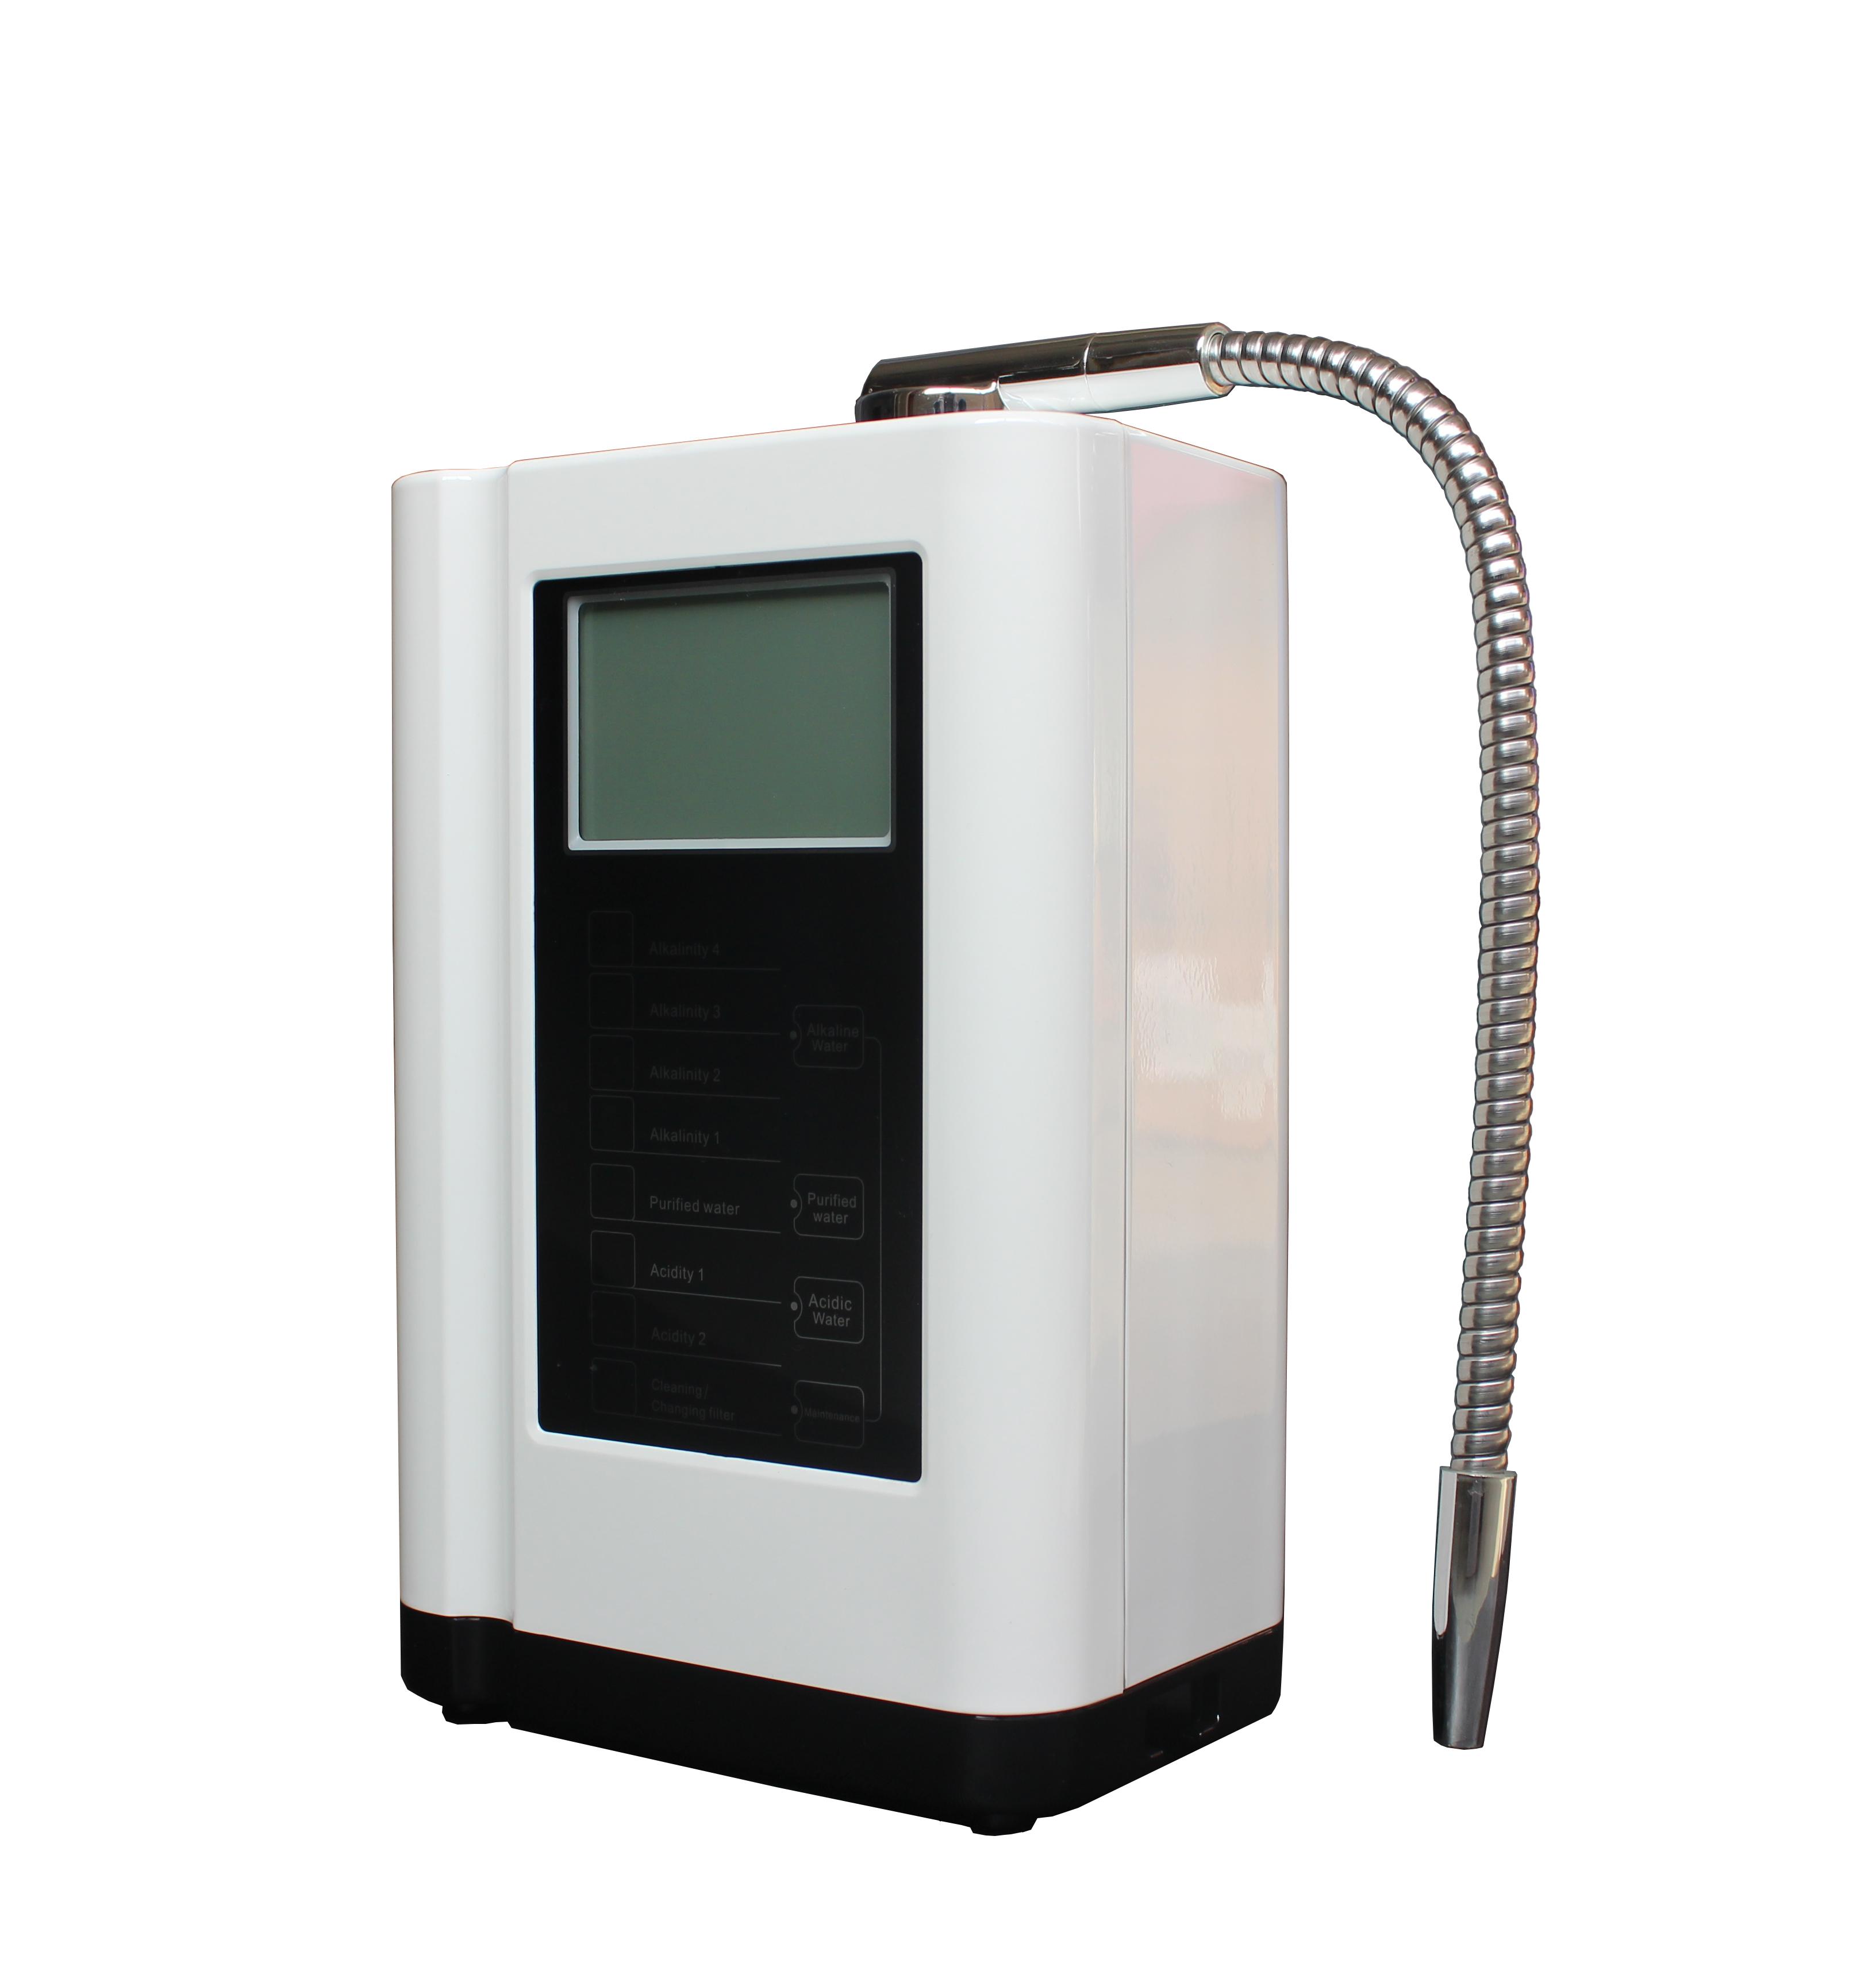 Щелочной ионизатор воды EHM-729